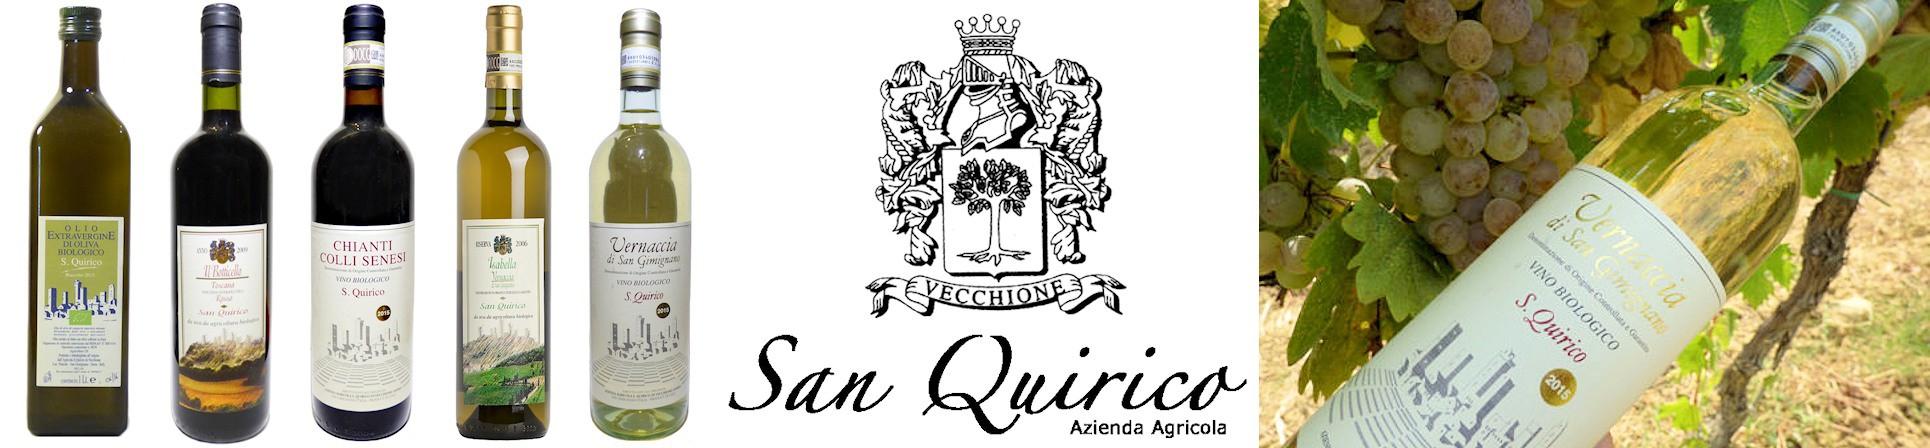 B2B GUSTOX - il Marketplace all'ingrosso delle eccellenze agroalimetari italiane - Cantina SAN QUIRICO